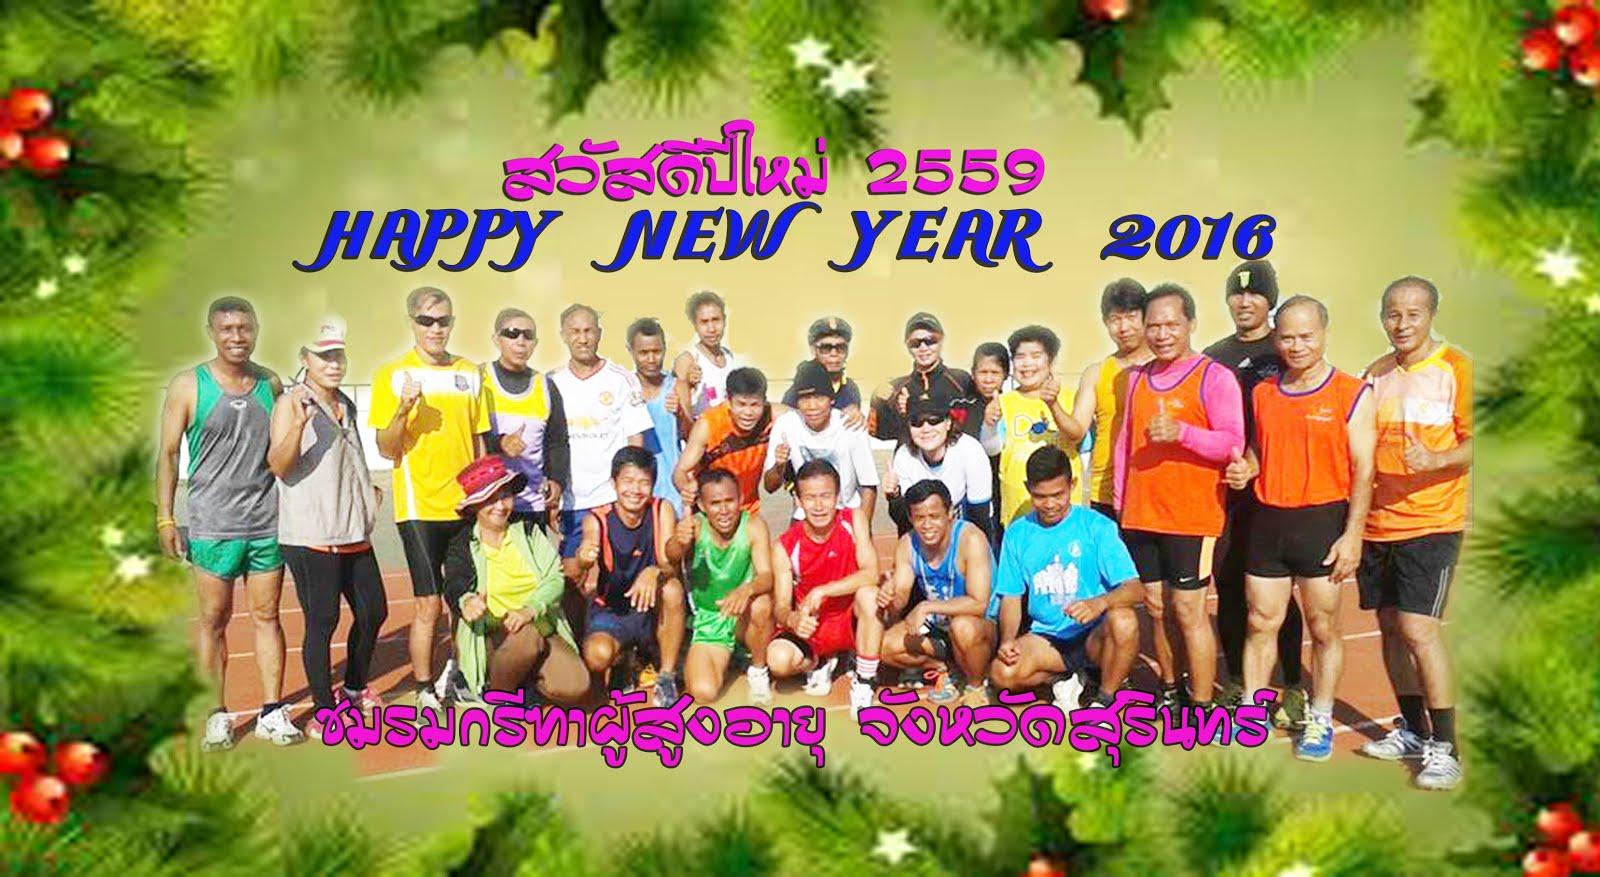 สวัสดีปีใหม่ 2559